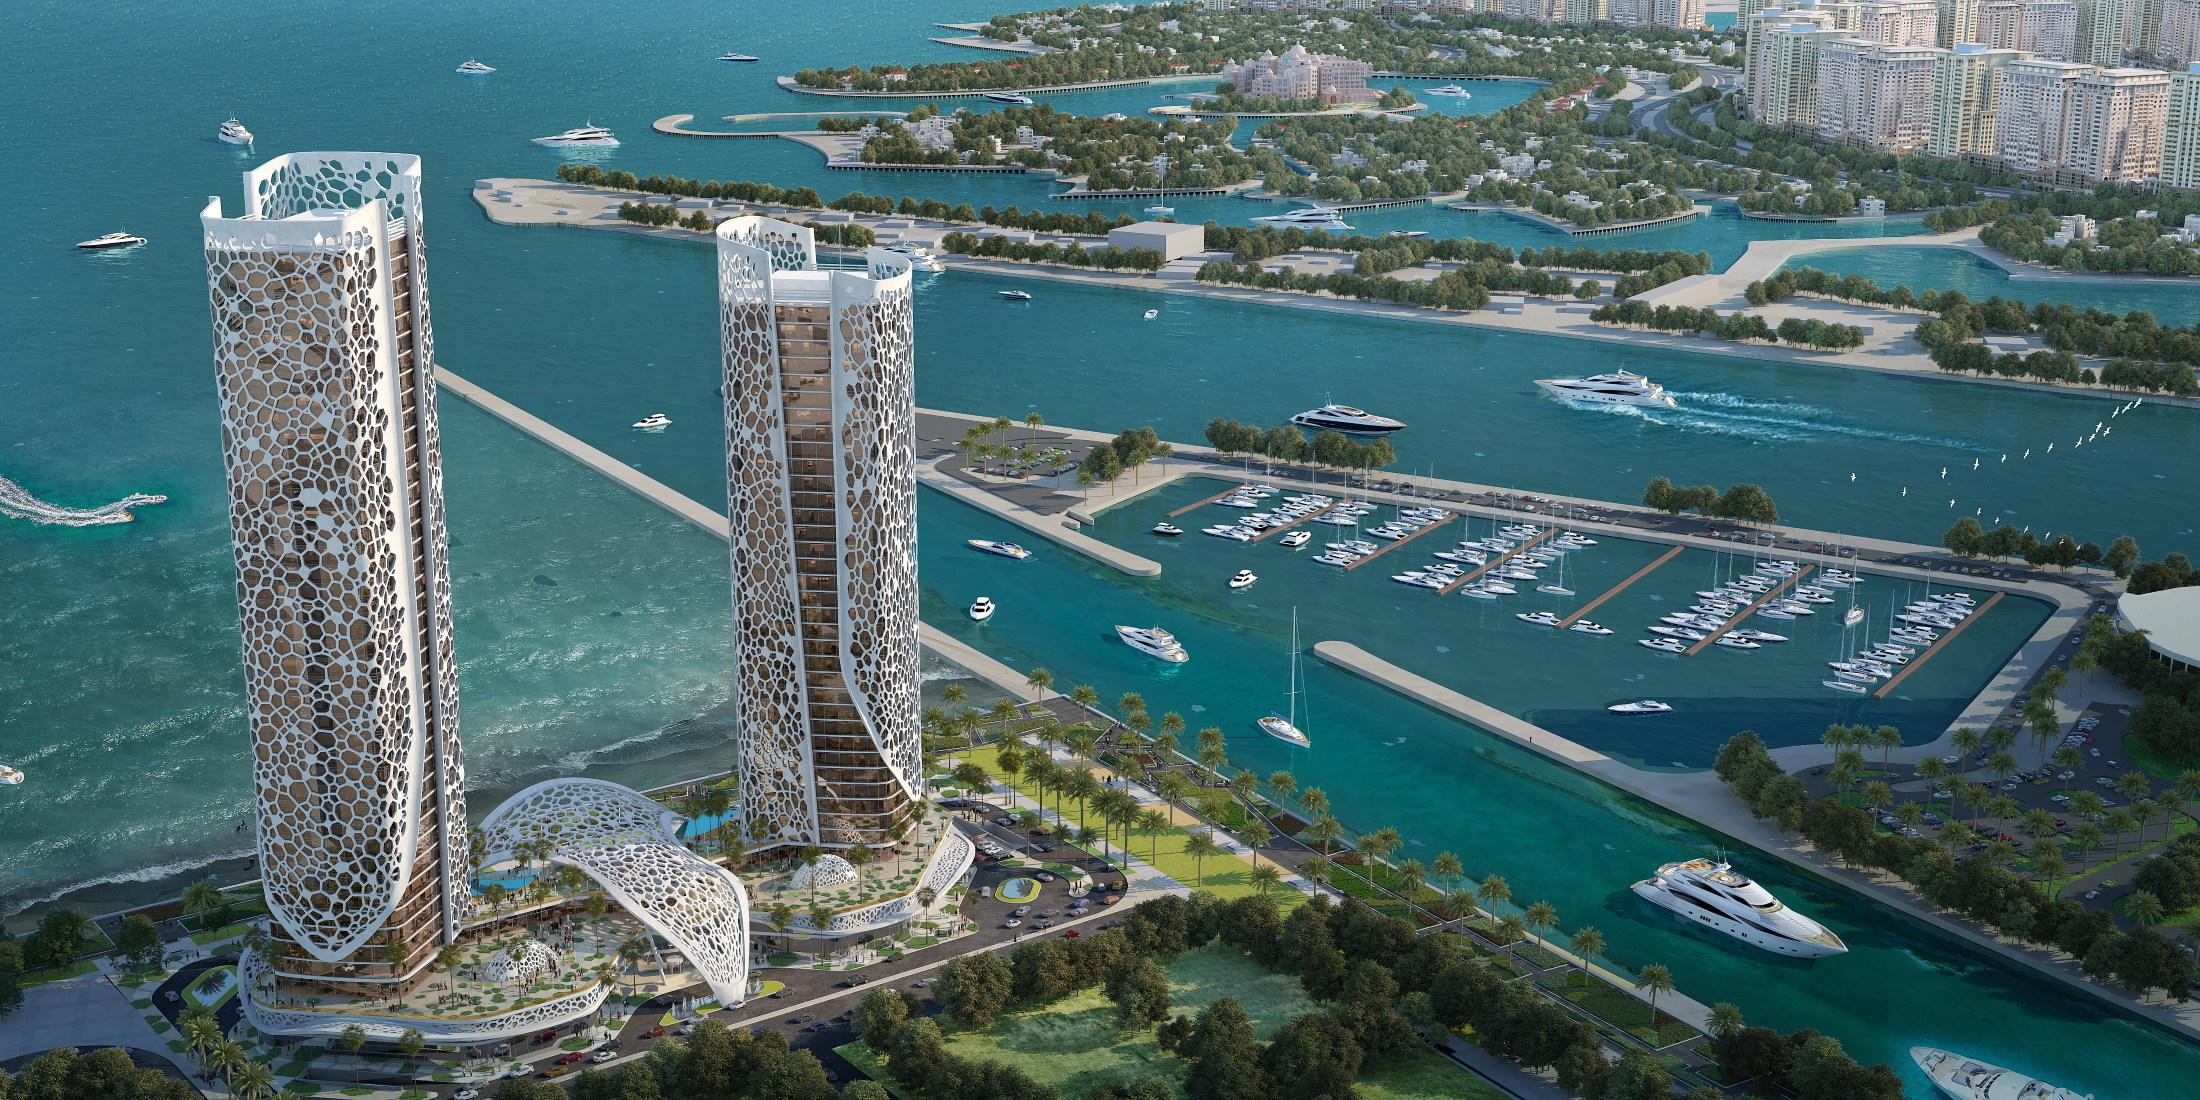 Rosewood Doha at Lusail City, Qatar